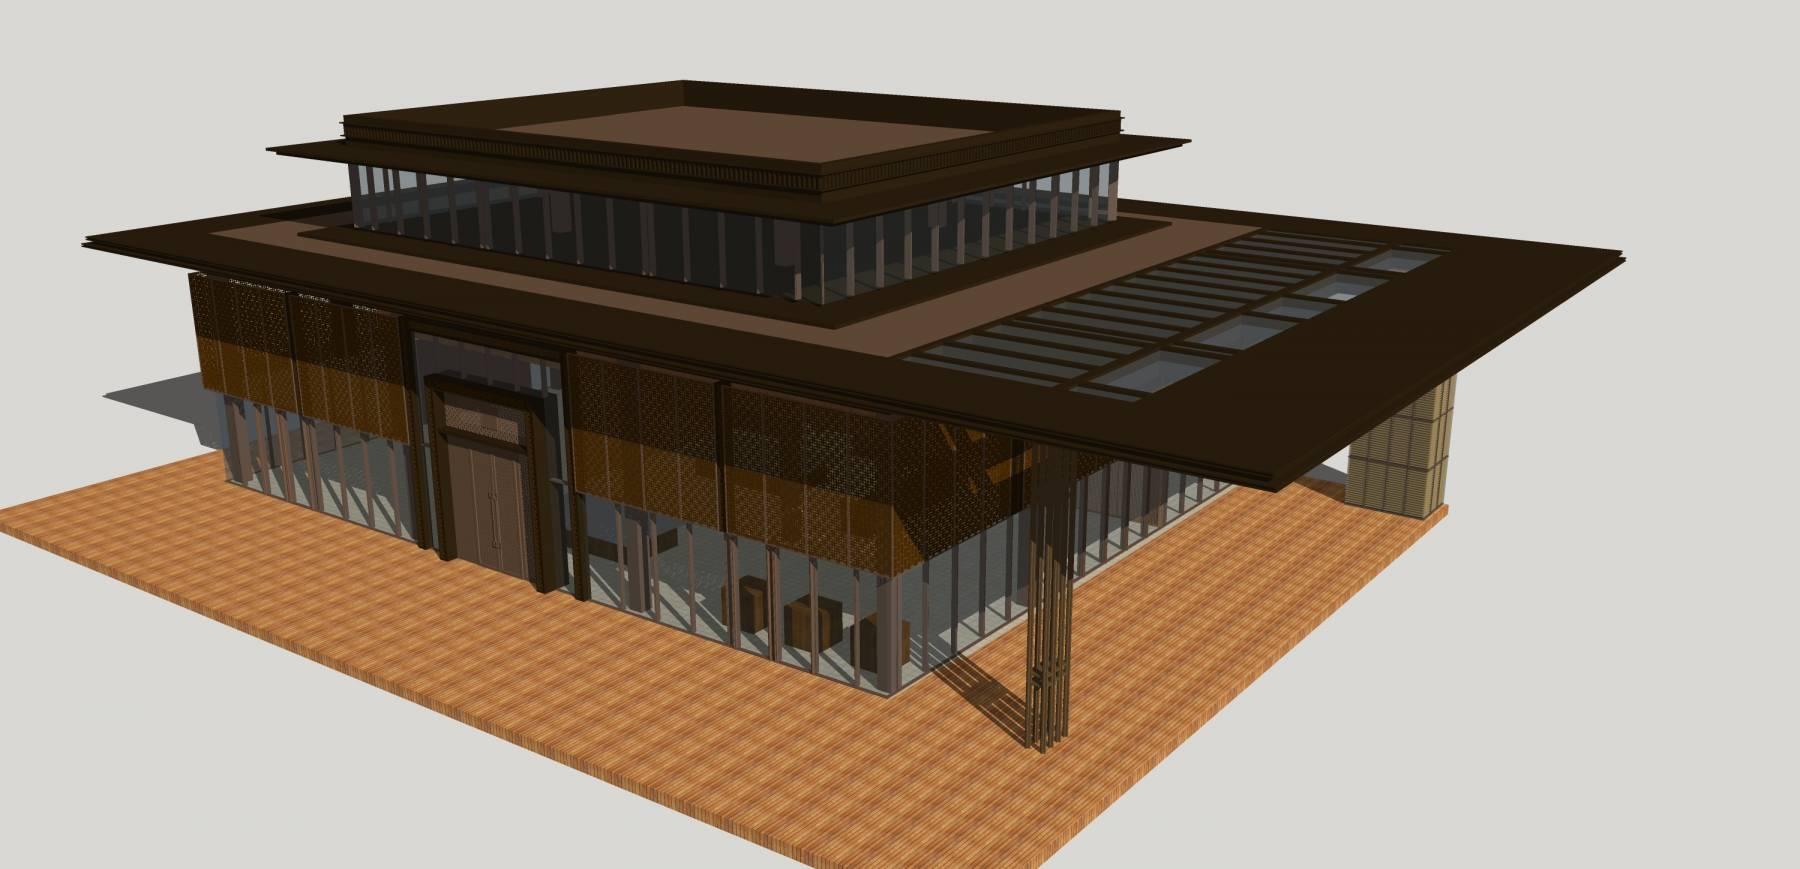 中式别墅 新亚洲风格别墅